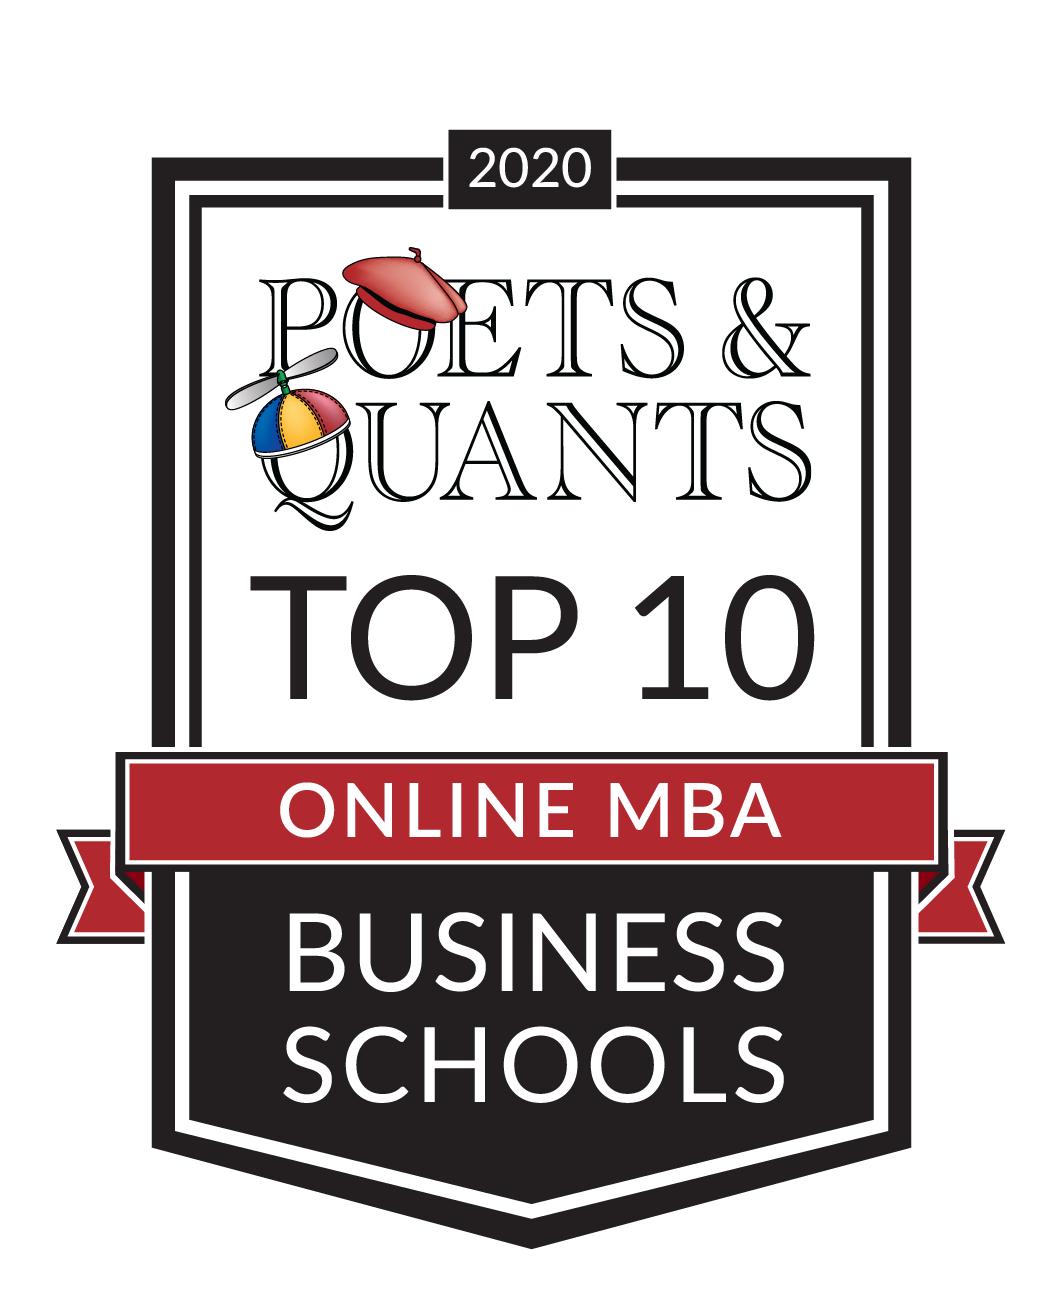 Top 10 Online MBA